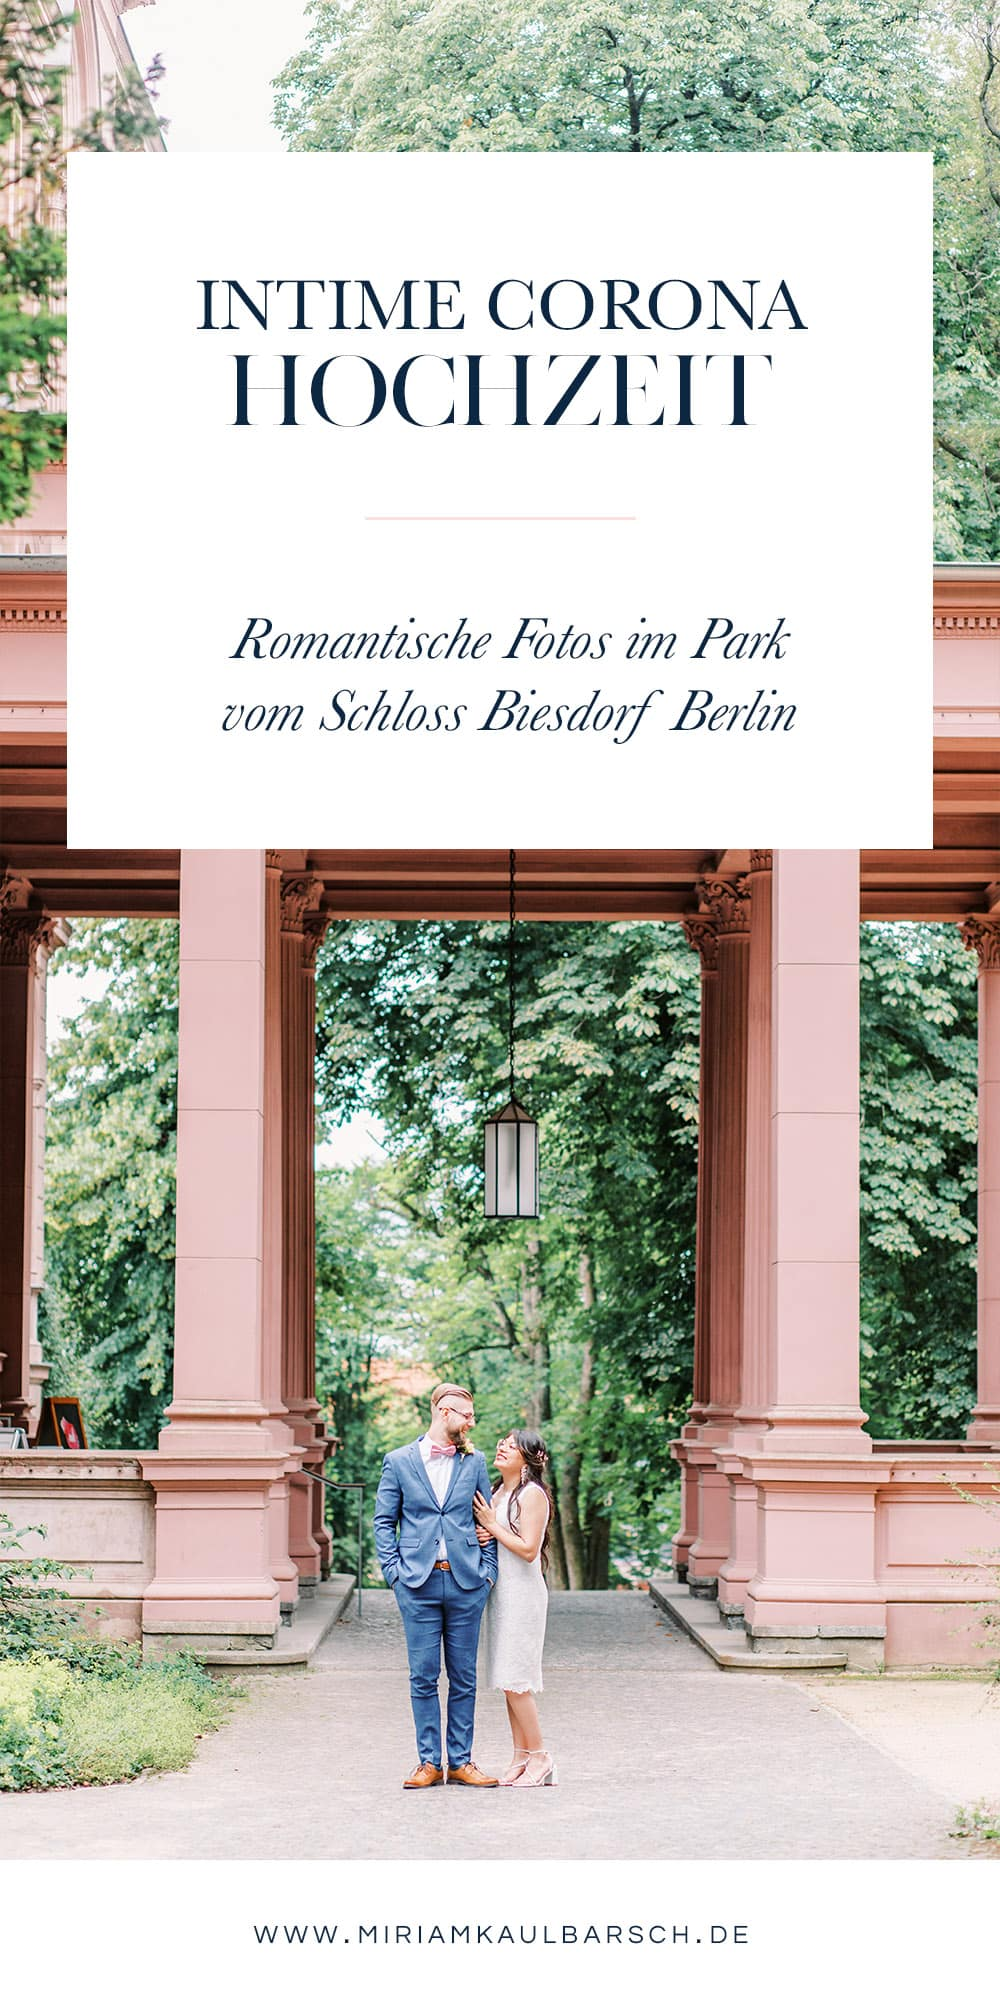 Intime Corona Hochzeit: Romantische Hochzeitsfotos im Park vom Schloss Biesdorf Berlin